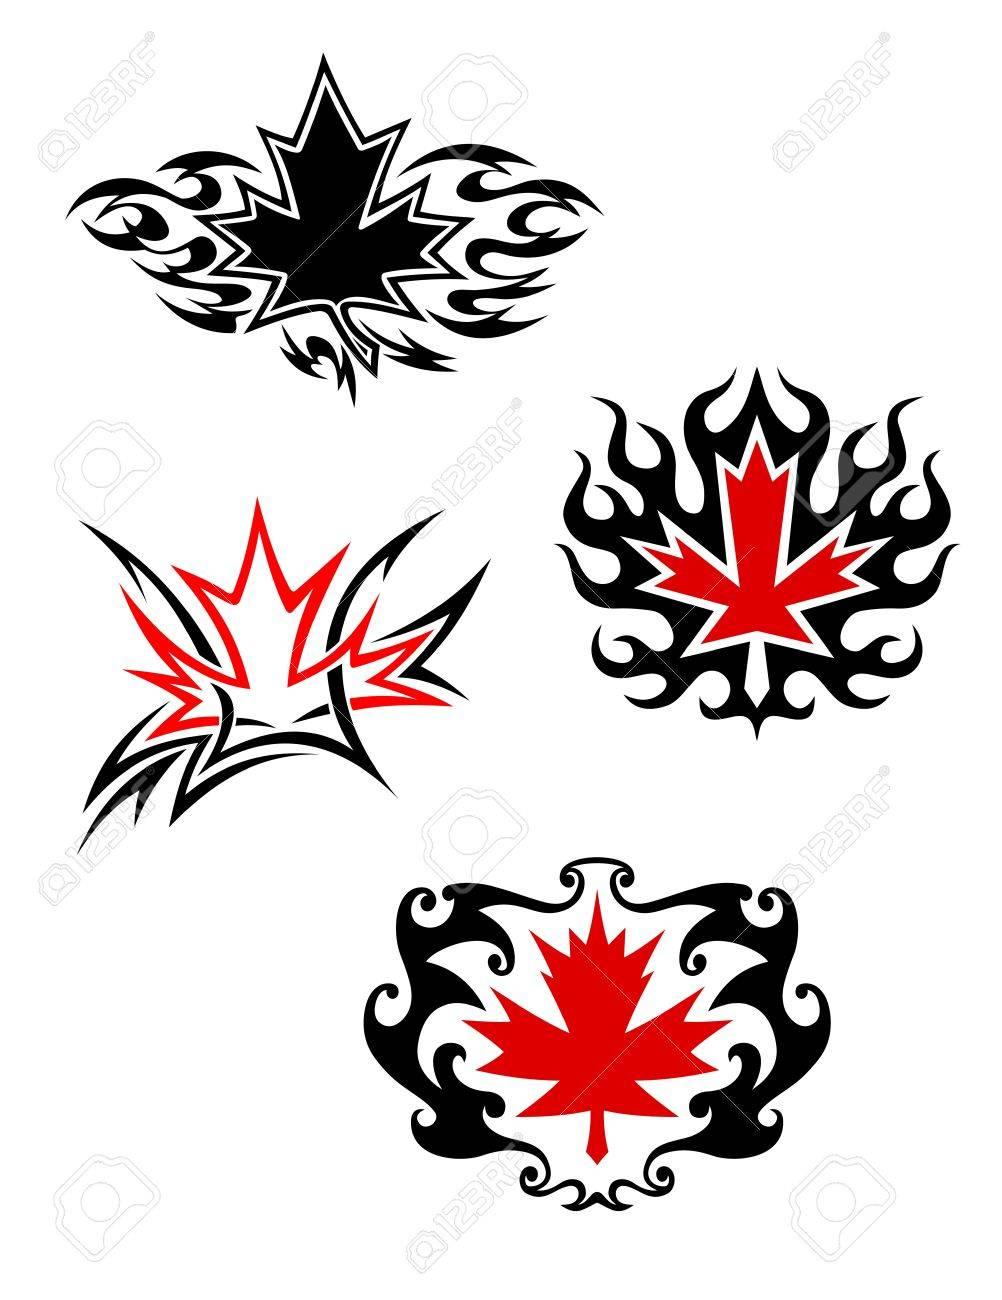 Maple Mascotas Hoja De Estilo Para El Diseño Del Tatuaje